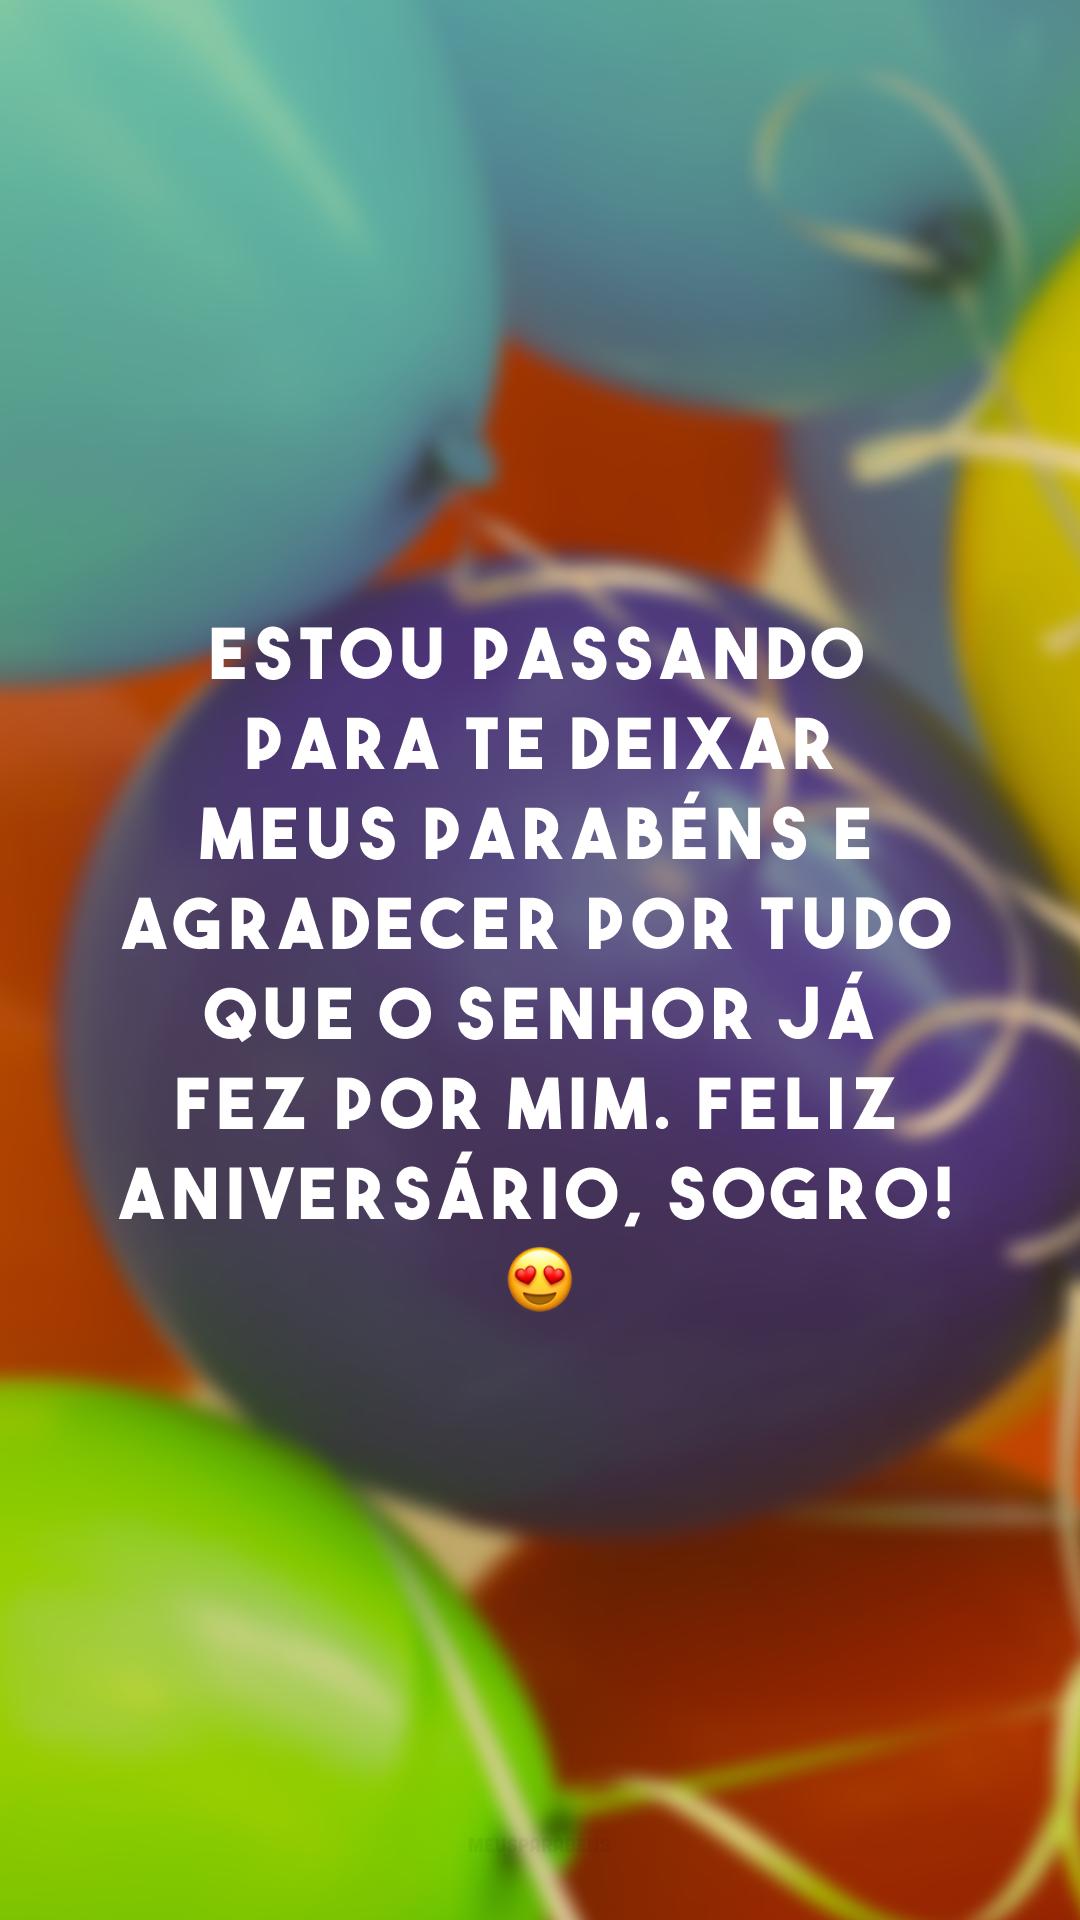 Estou passando para te deixar meus parabéns e agradecer por tudo que o senhor já fez por mim. Feliz aniversário, sogro! 😍